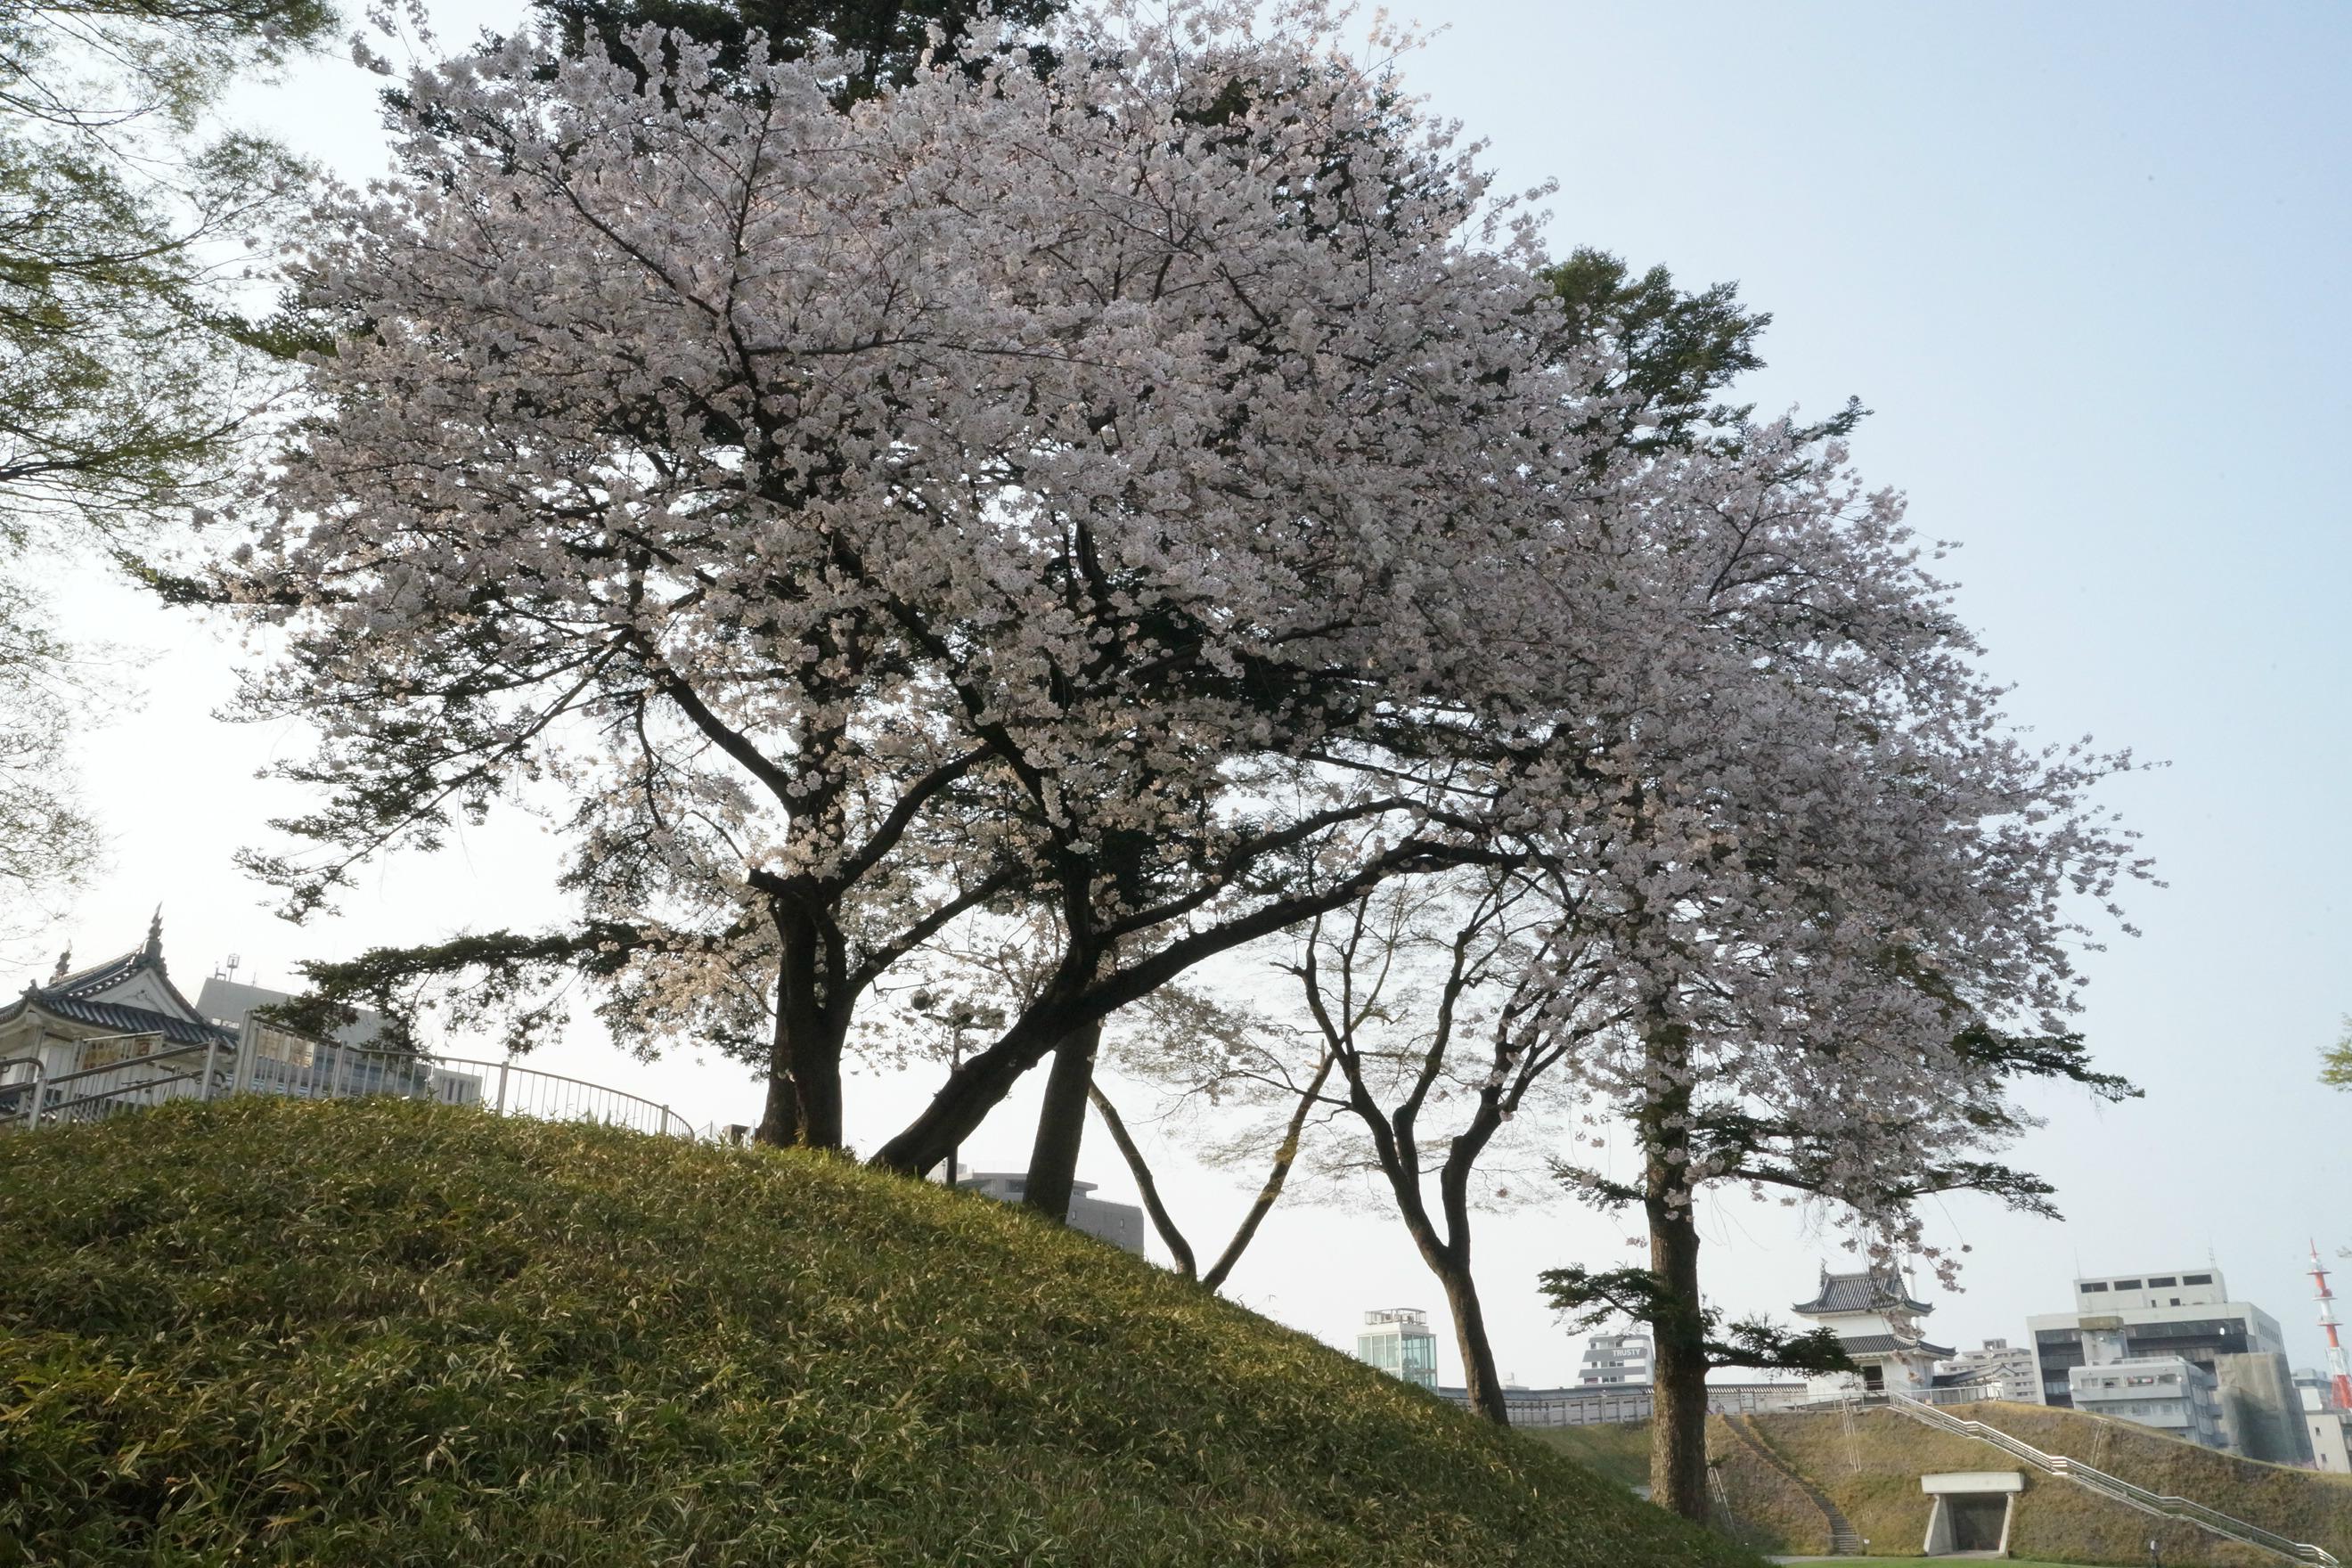 宇都宮城址公園2018年4月2日更新